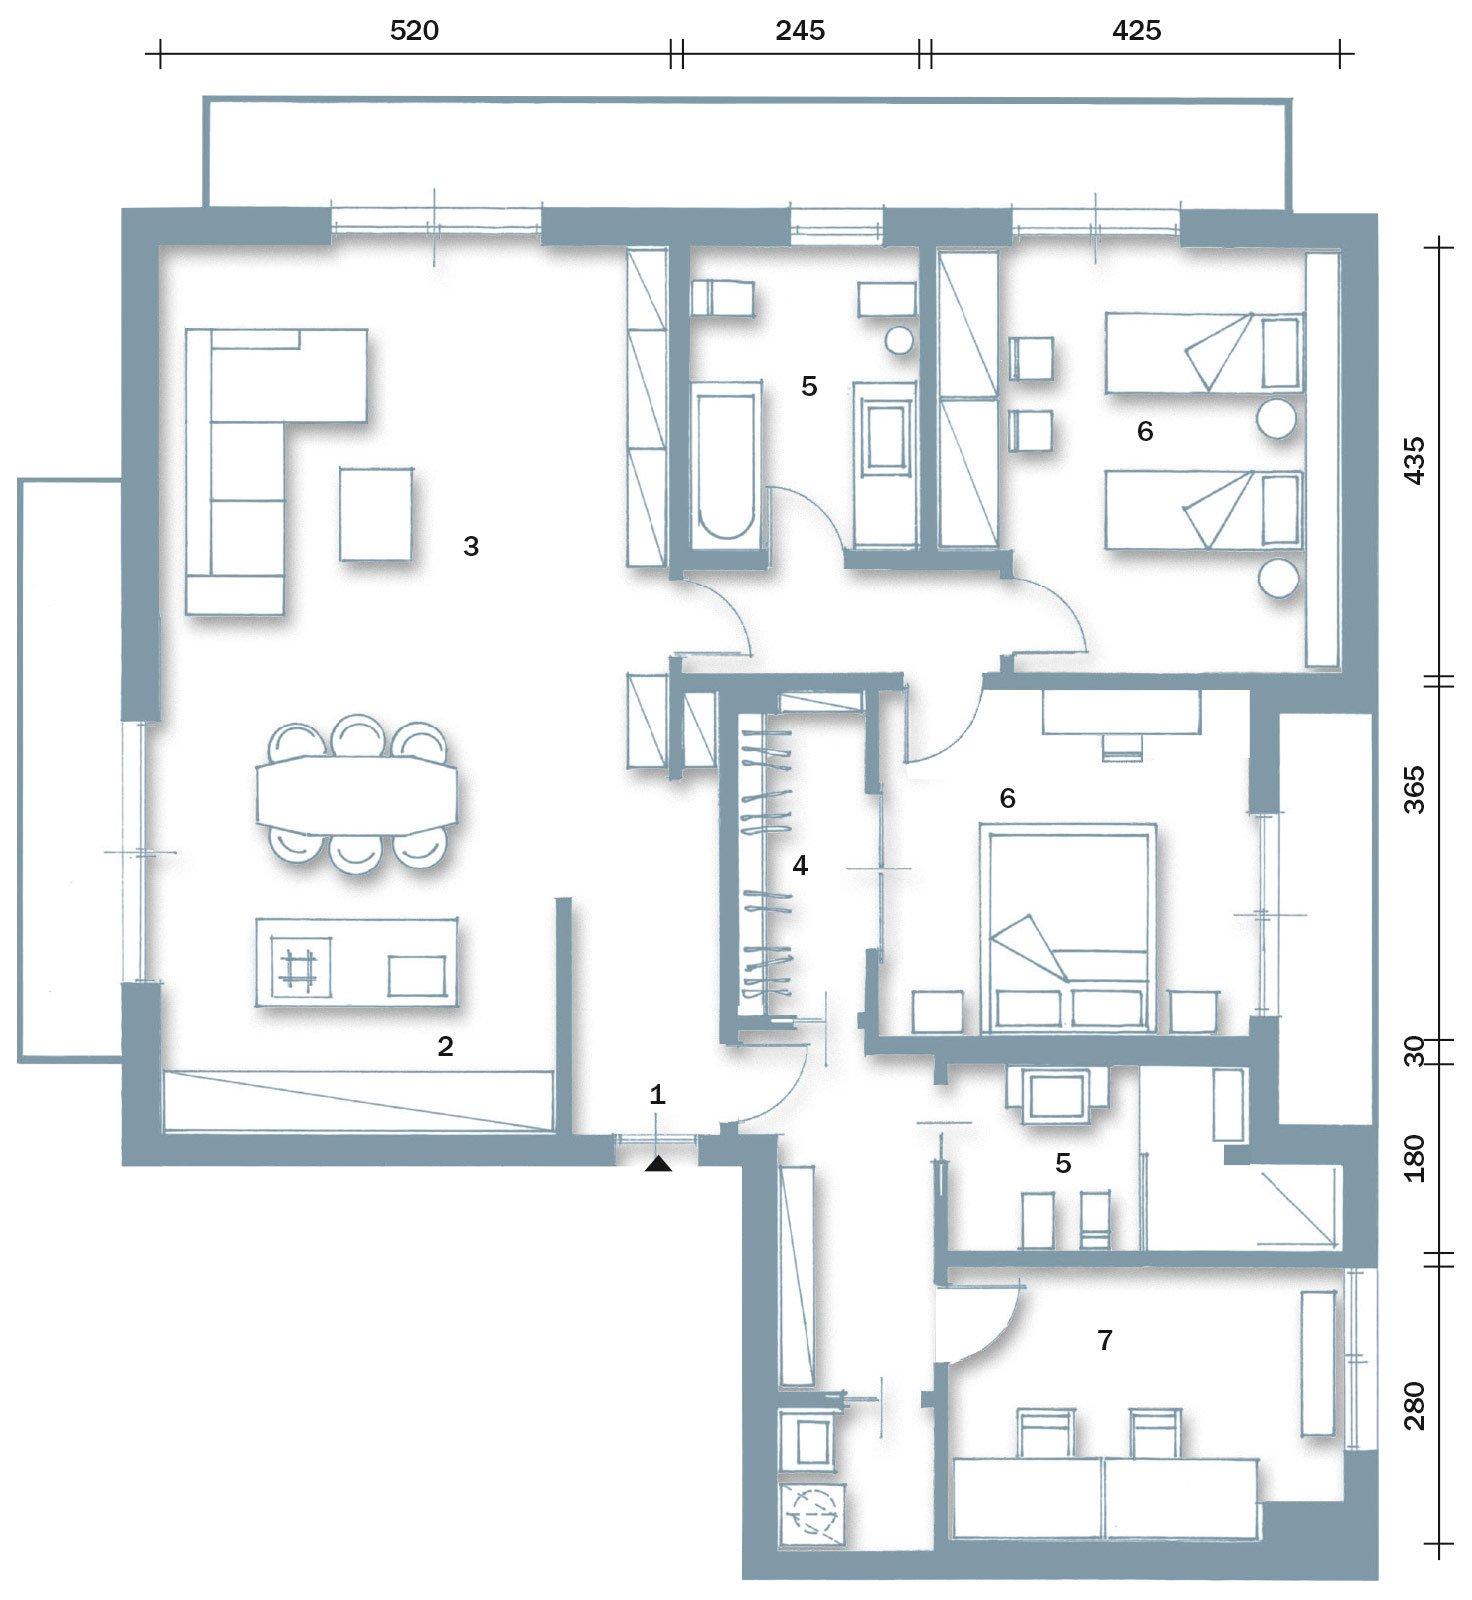 Una casa ristrutturata ridisegnando le prospettive interne - Cose di Casa